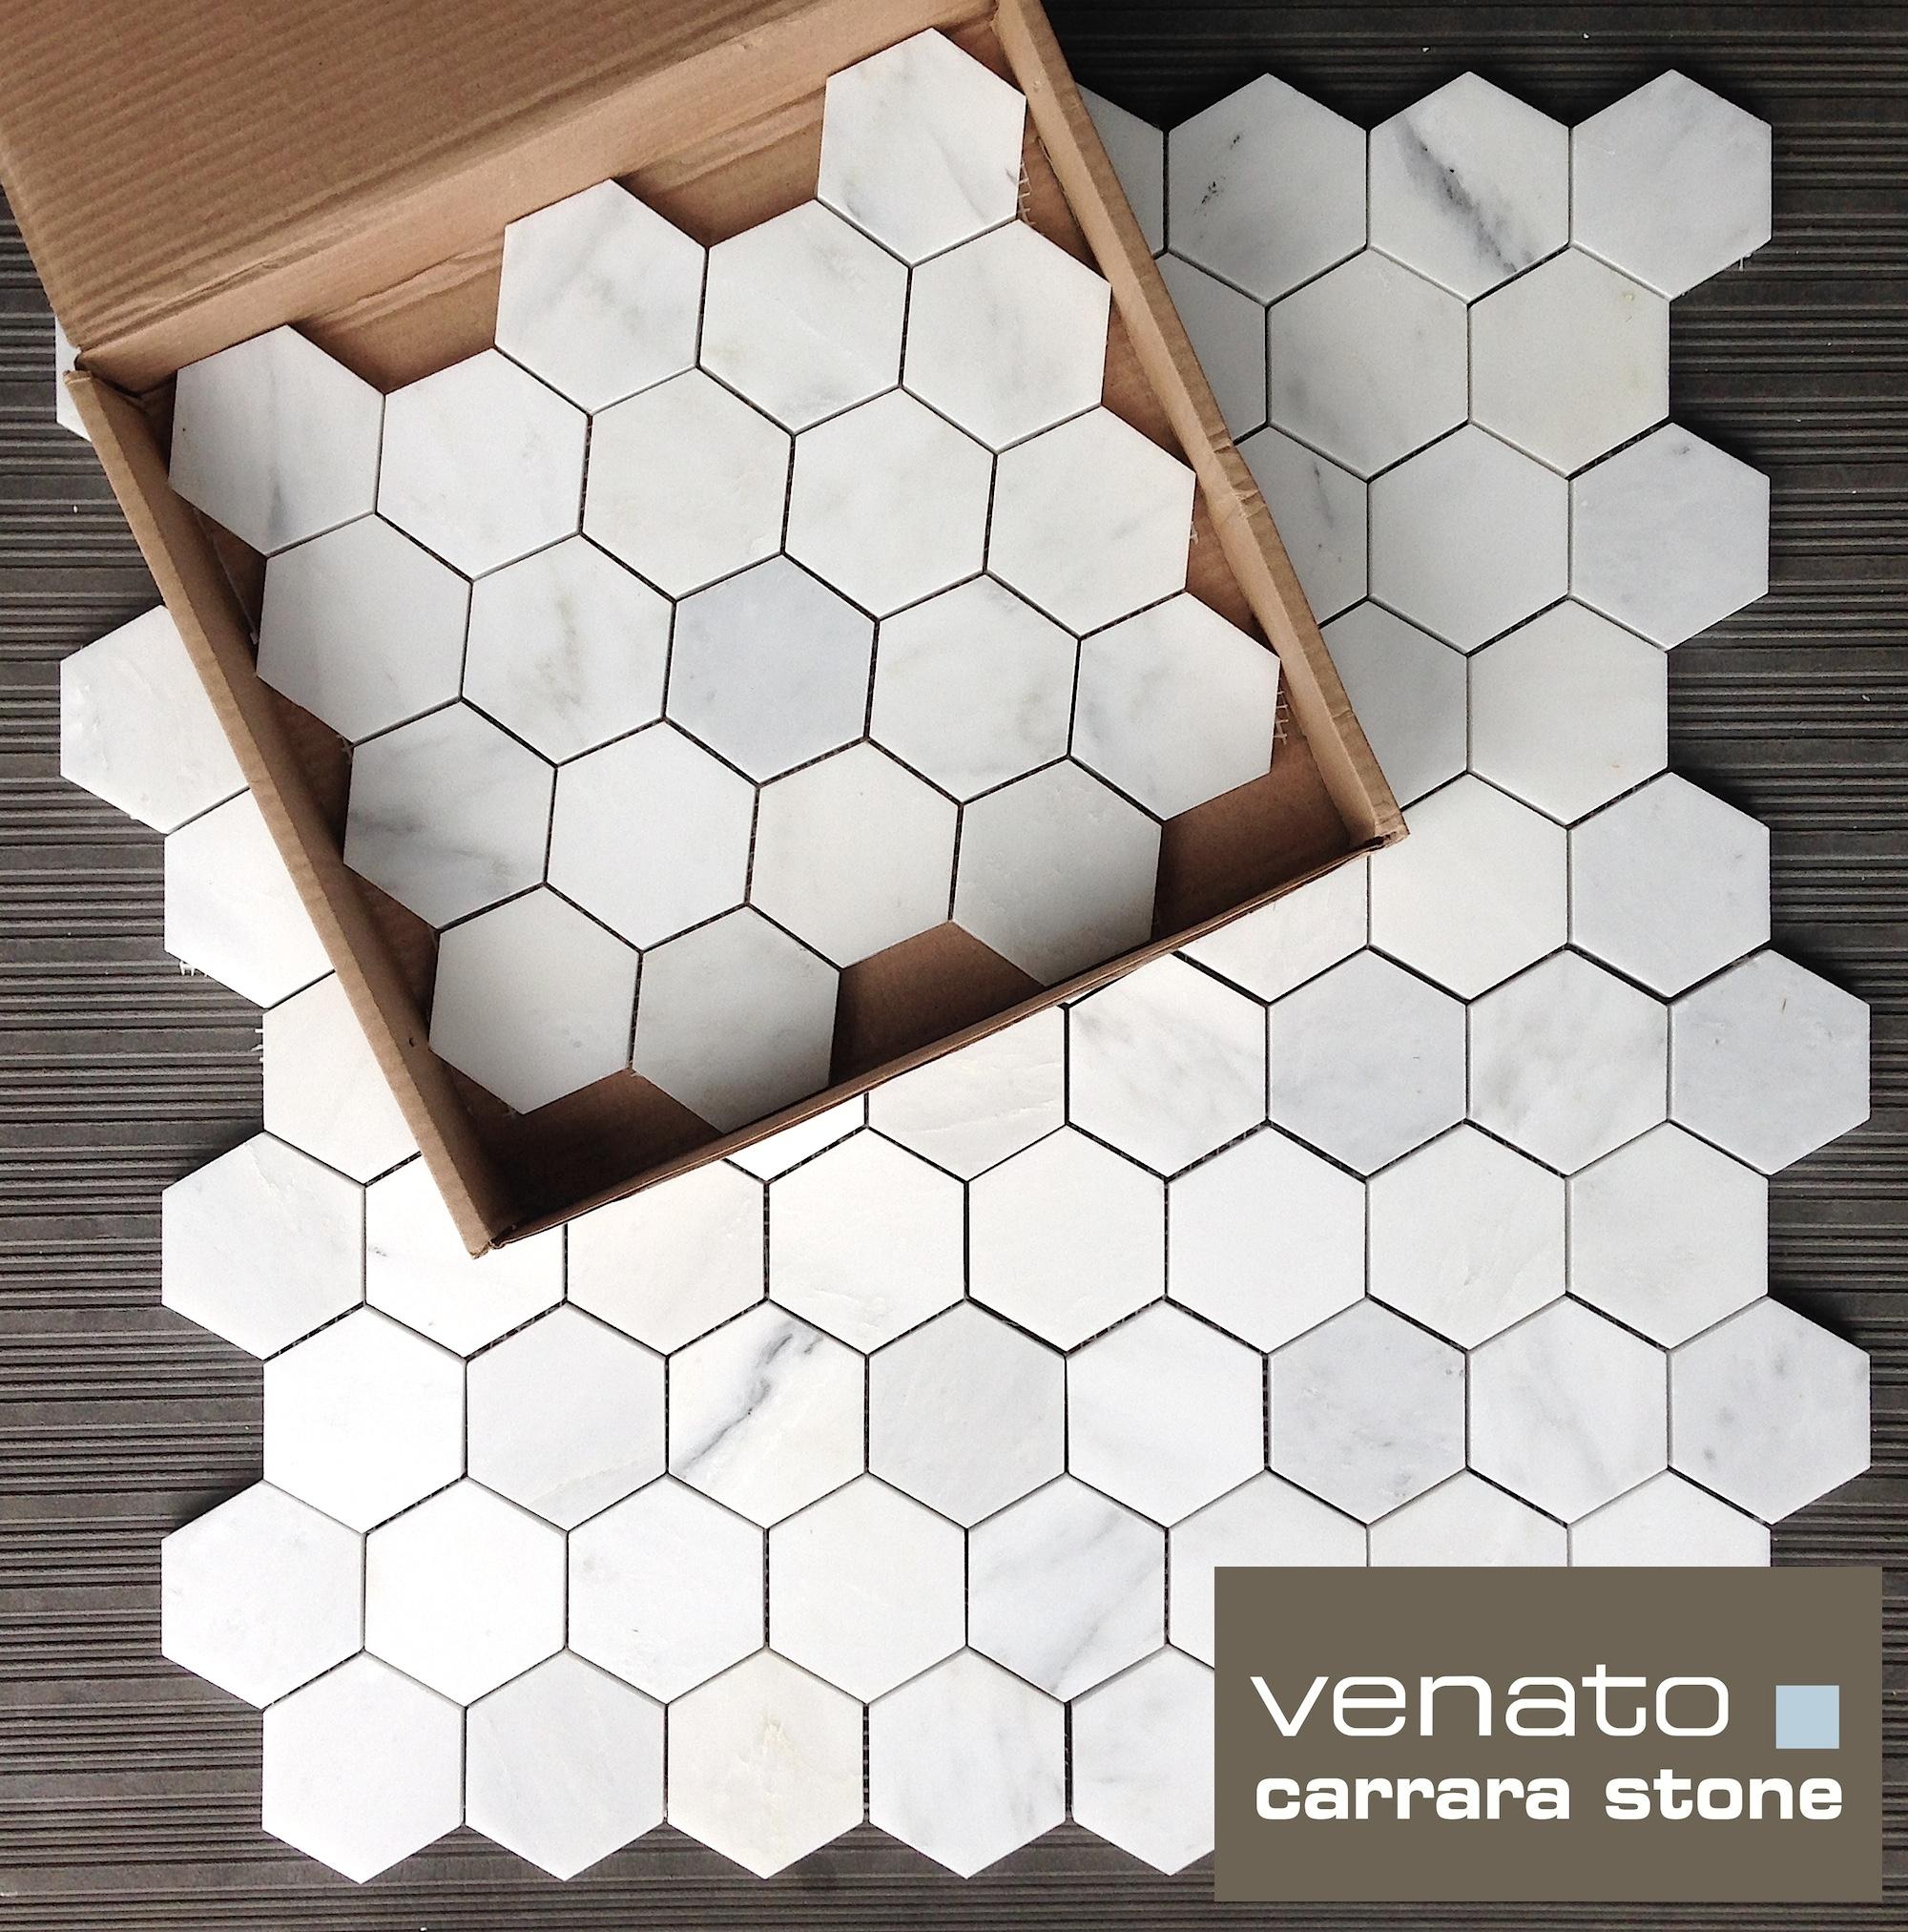 Carrara Venato 3x3%22 Hexagon